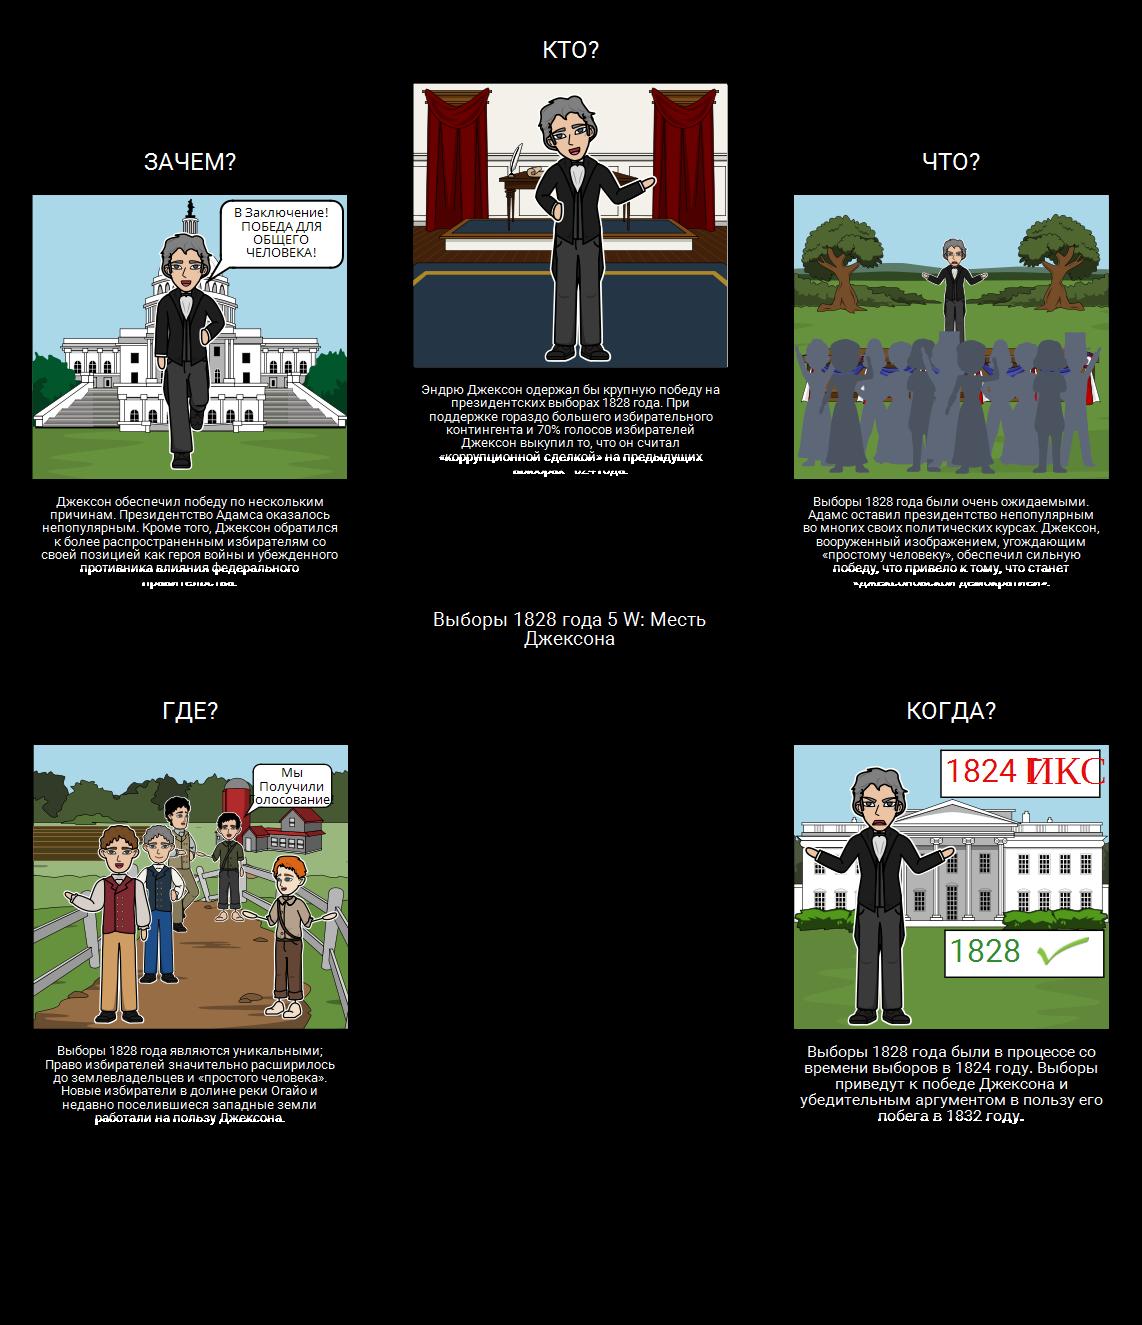 Выборы 1828 года: Победа Джексона